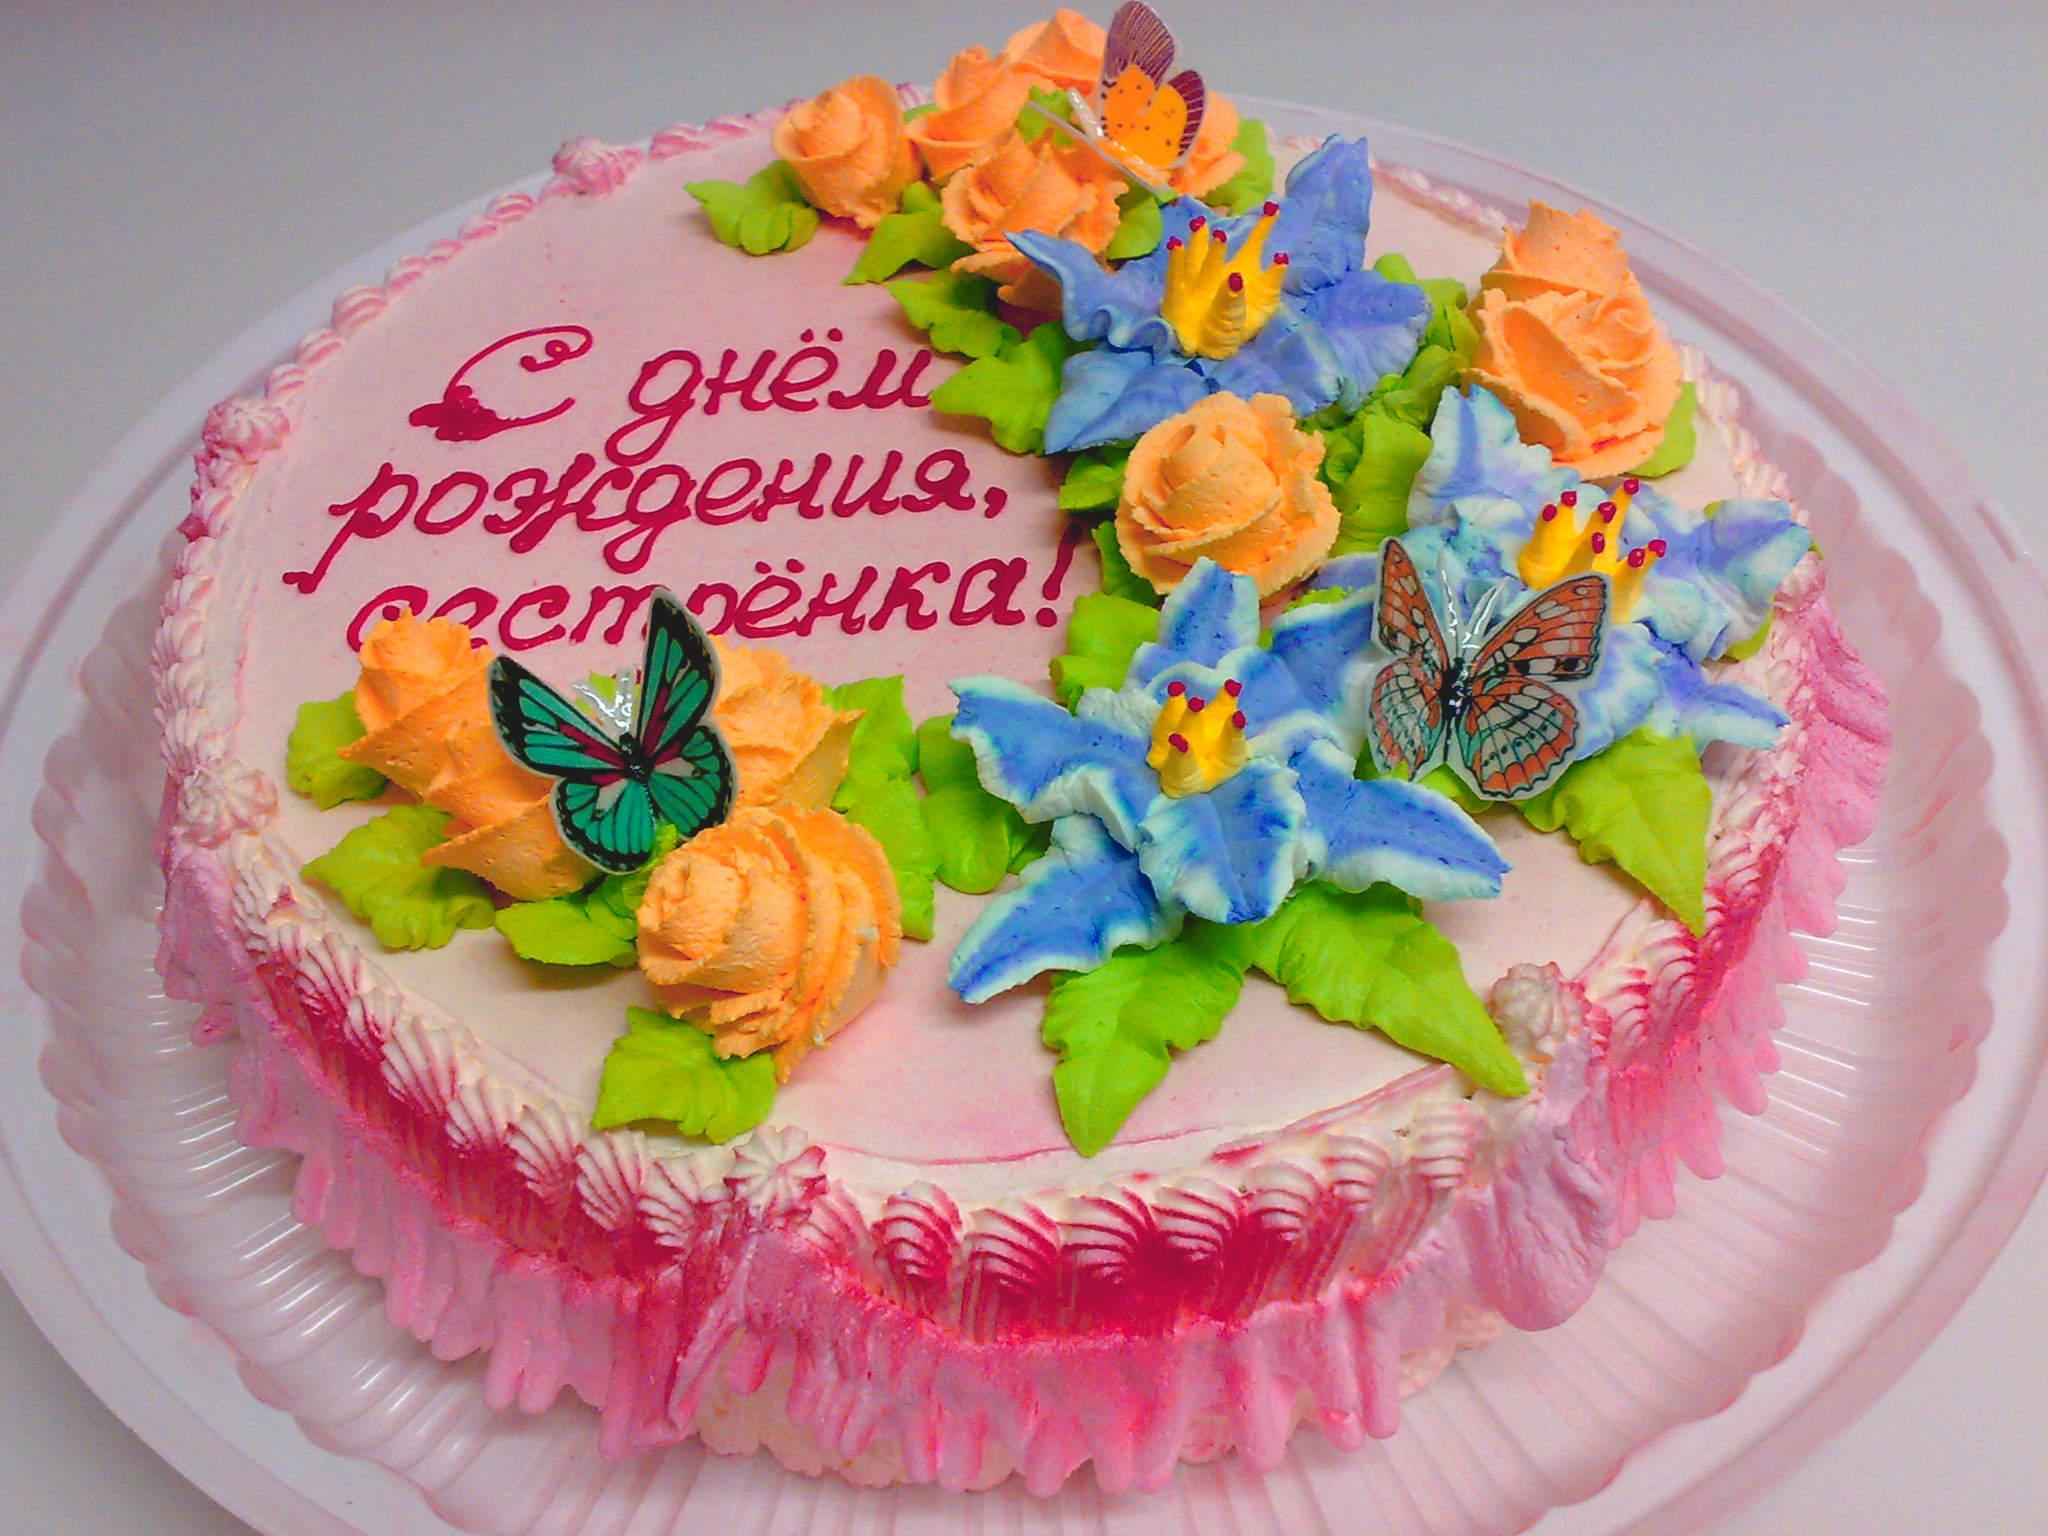 Открытки для украшения торта, прозе днем рождения